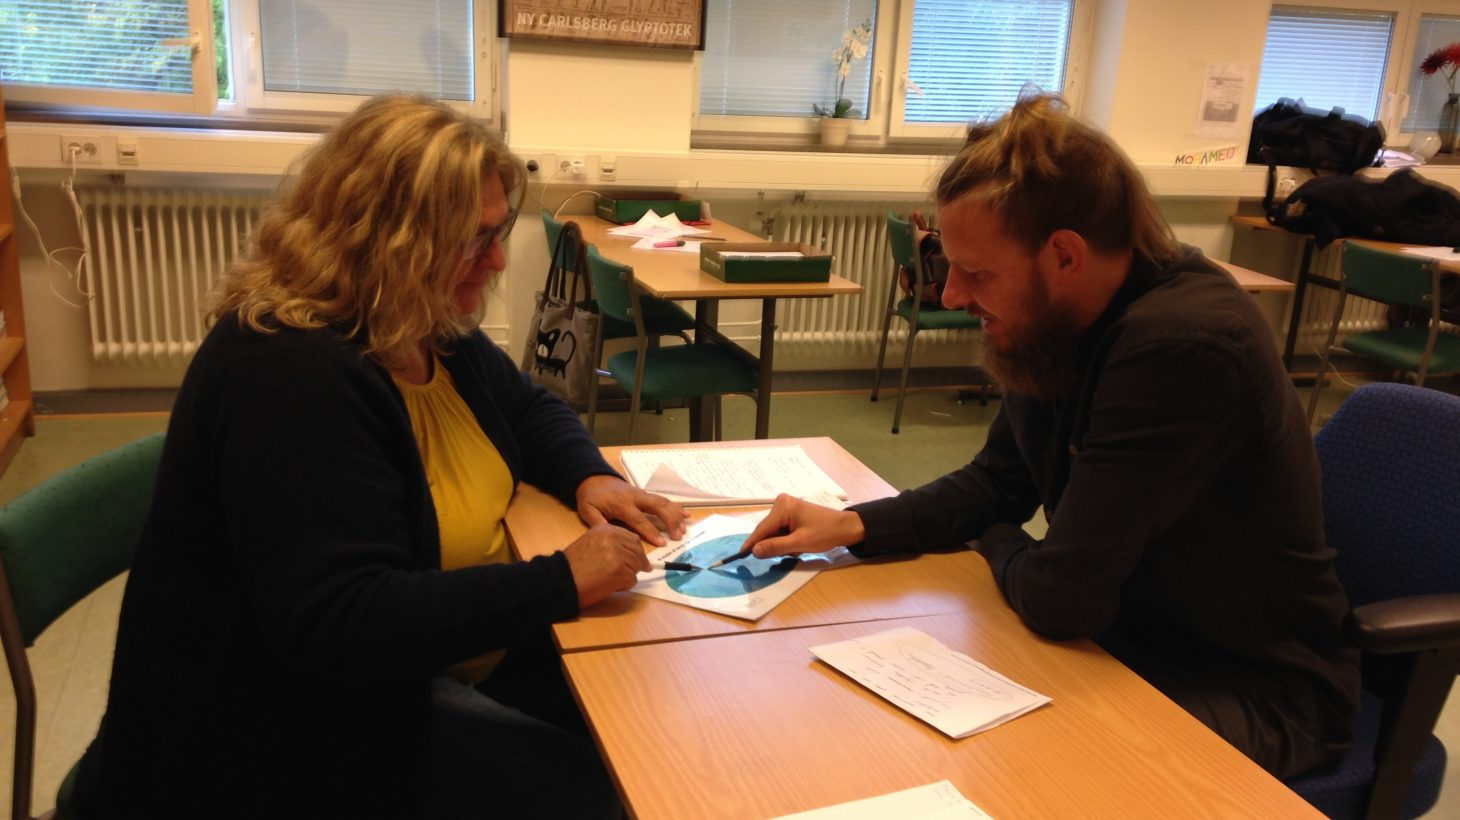 Kvinna och man sitter vid bord och pekar på papper.